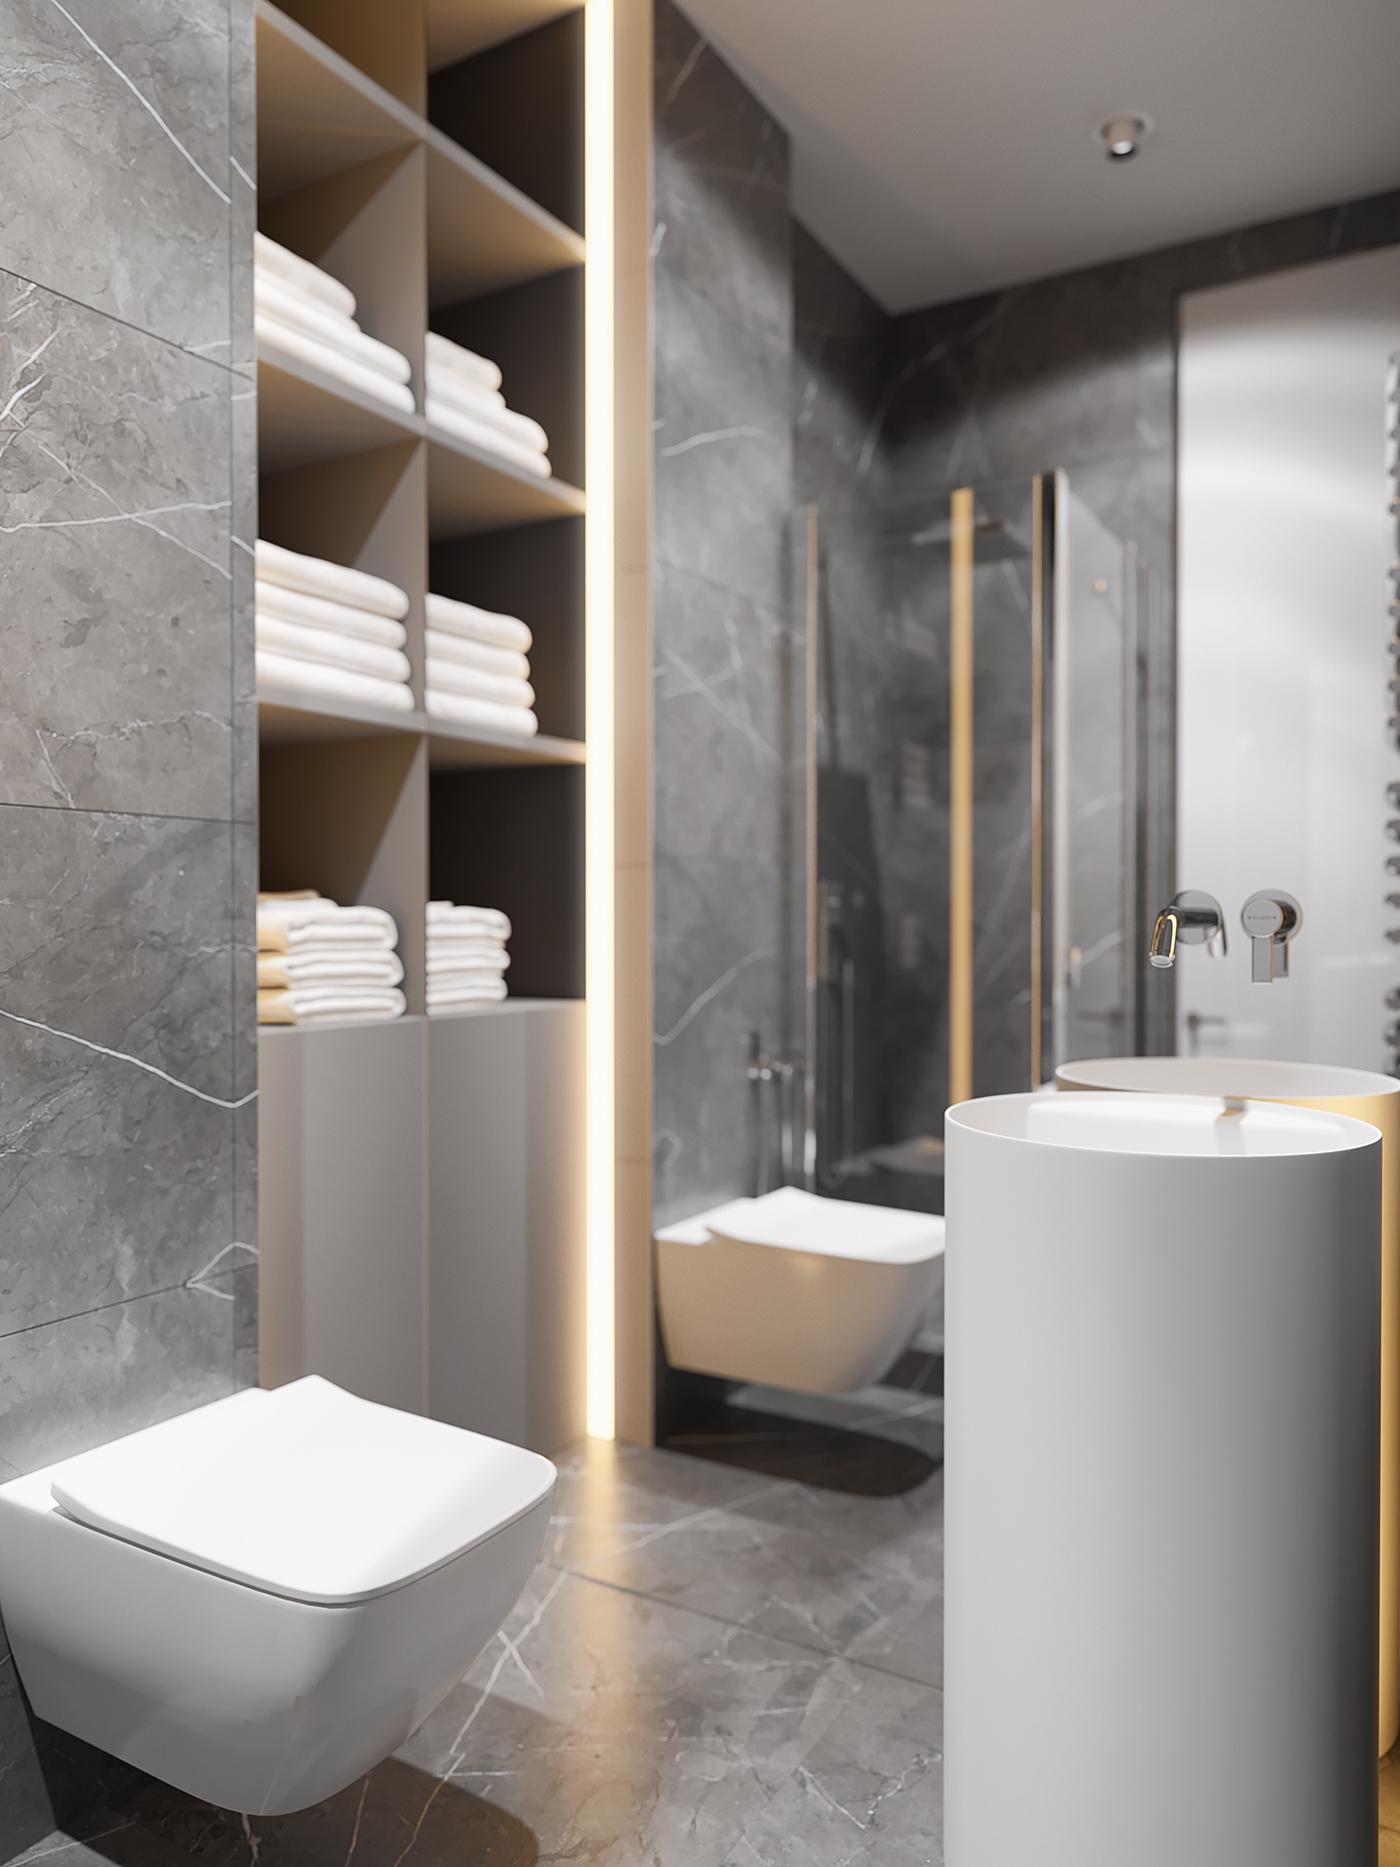 Moderne luxe badkamer met marmeren tegels badkamers voorbeelden - Marmeren douche ...